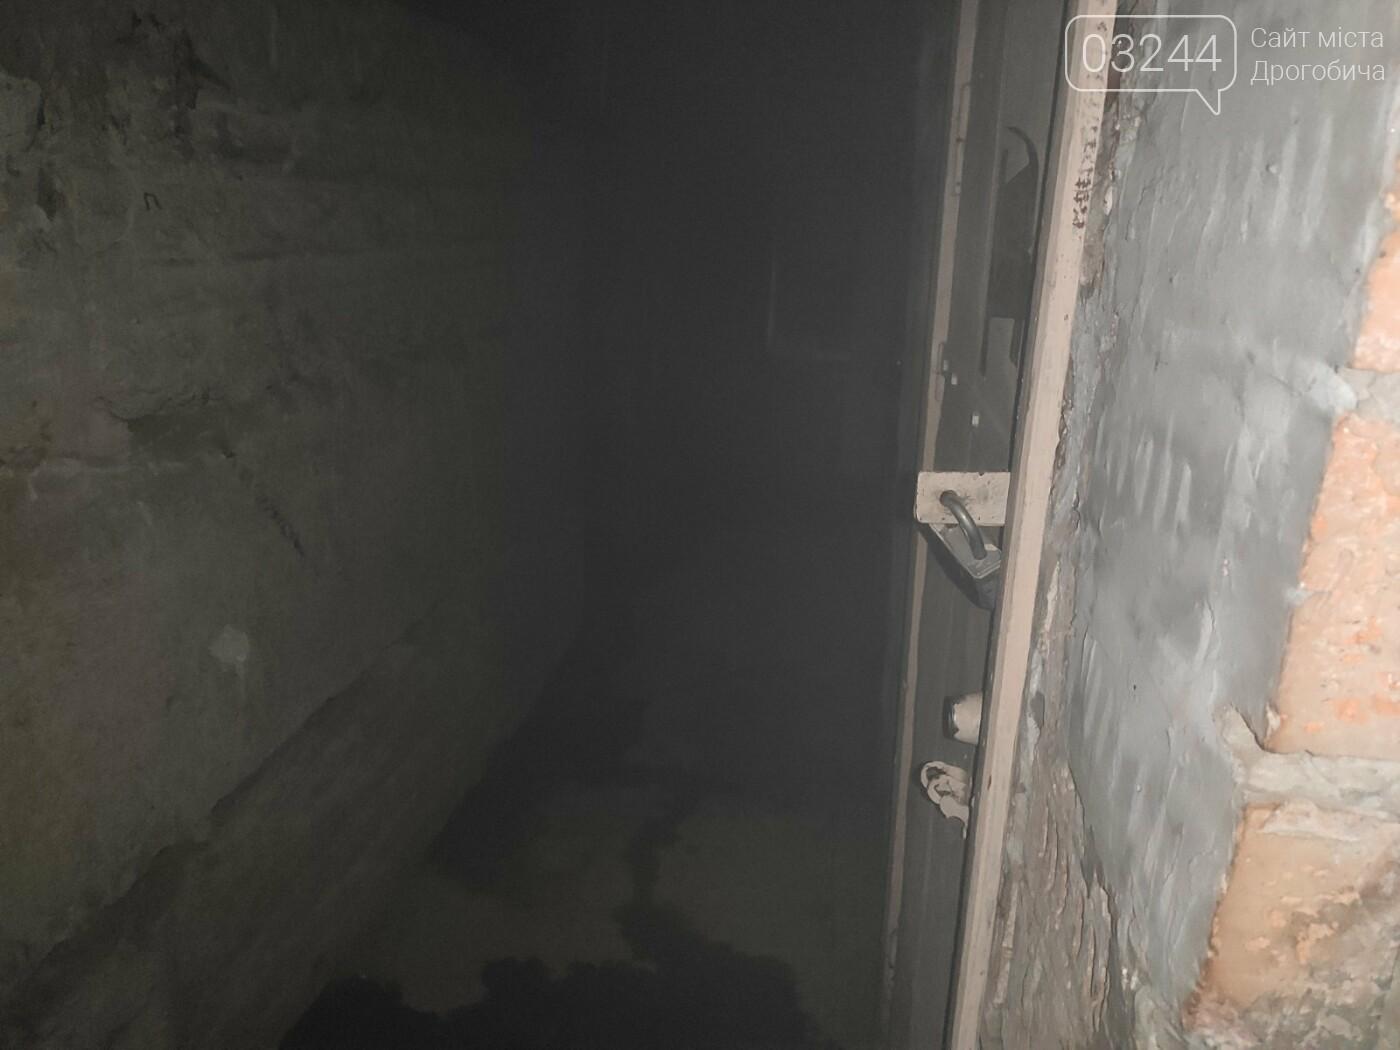 У багатоповерховому будинку на вулиці Стрийській пів дня не було  електроенергії через пожежу у підвалі, - ФОТО, фото-6